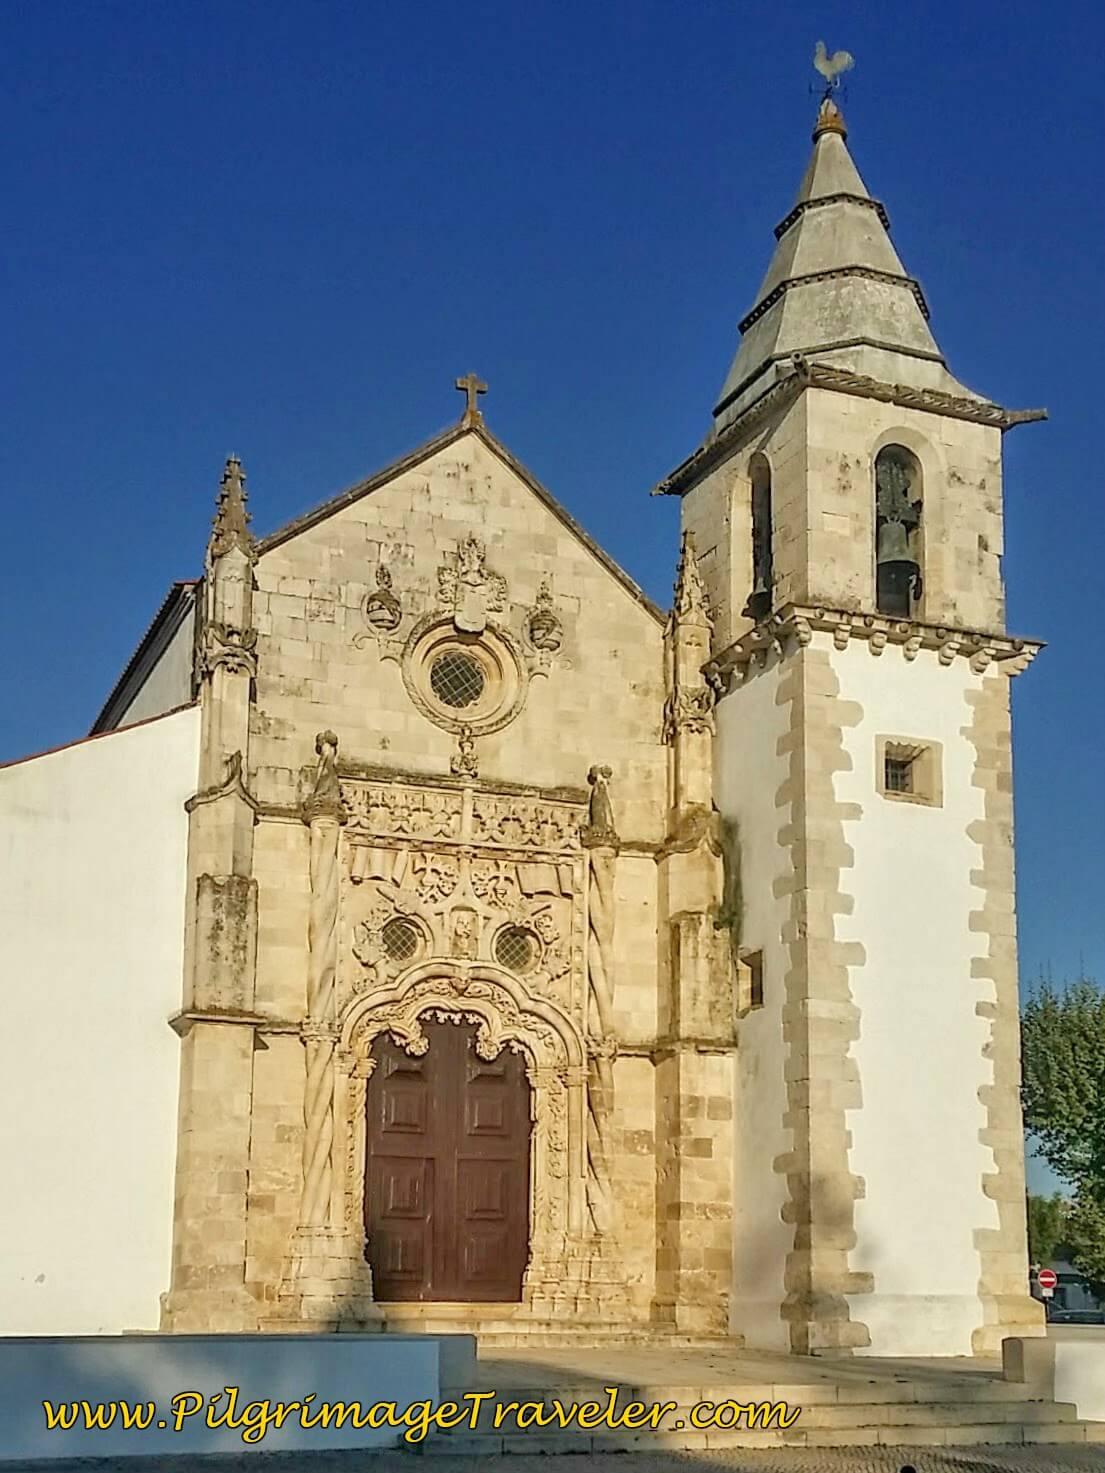 The Igreja Matriz do Golegã